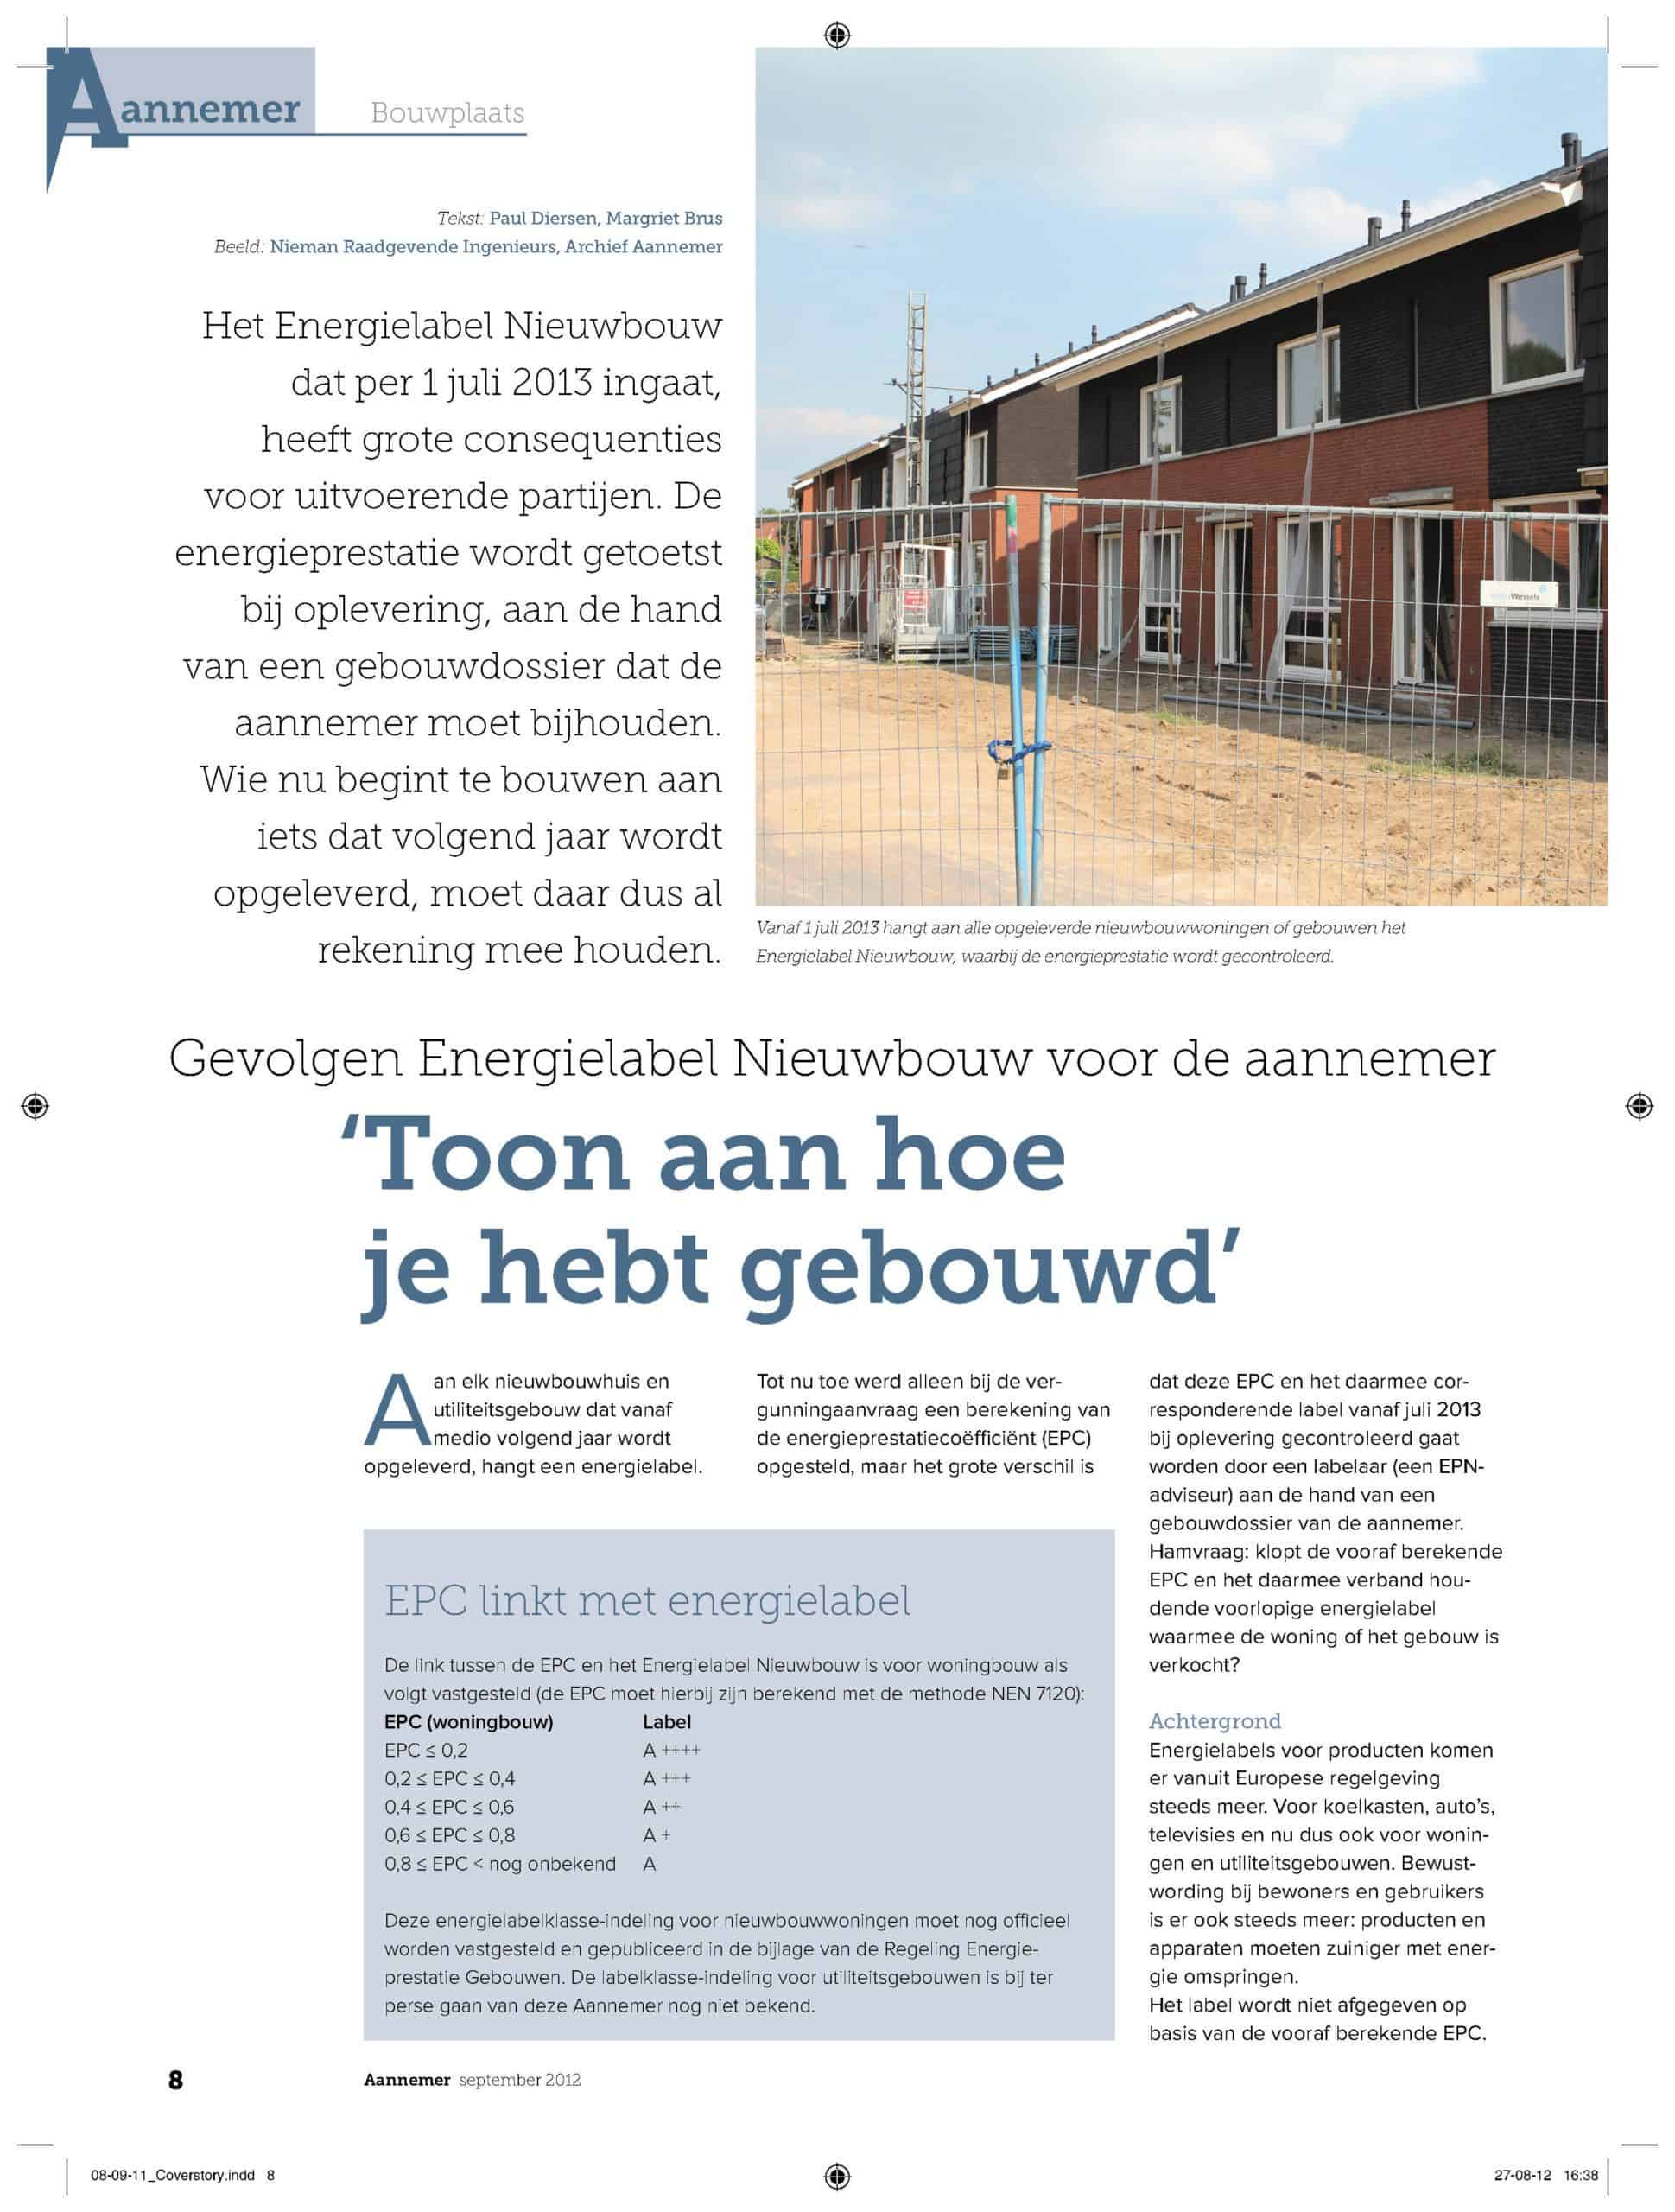 AannemerBouwplaats_2012-09_Gevolgen-Energielabel-Nieuwbouw-voor-de-aannemer_1-3-scaled